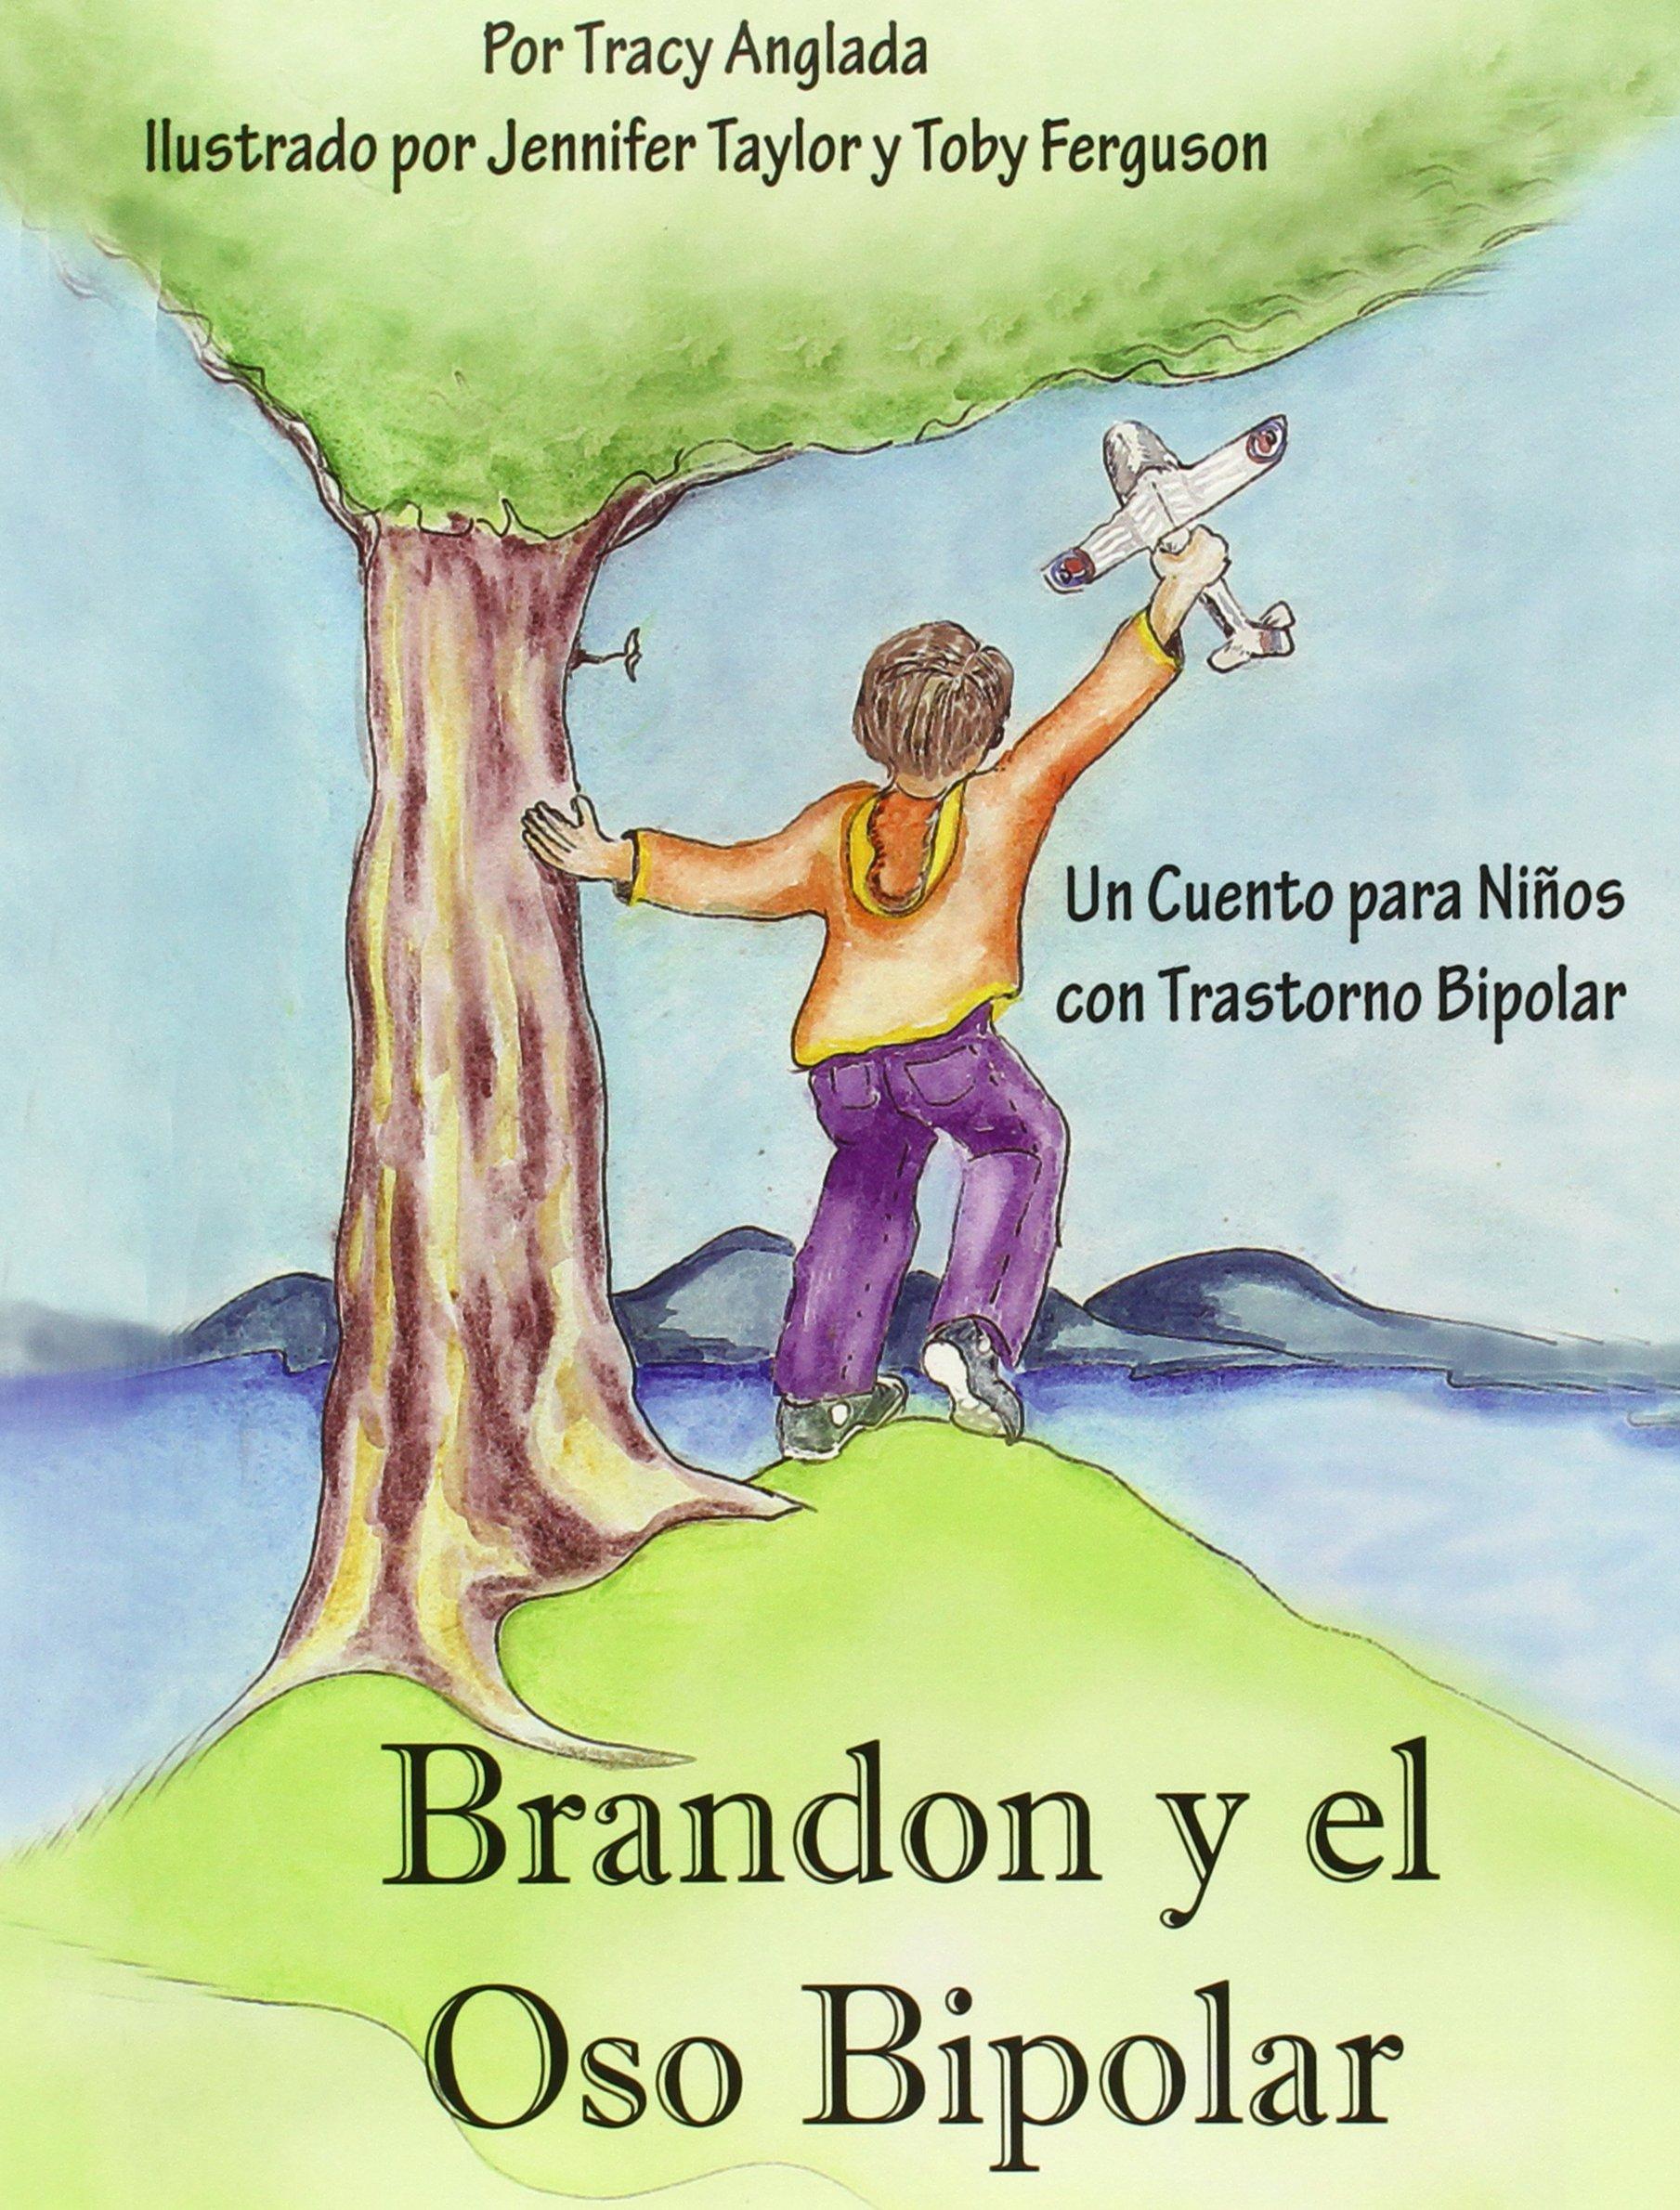 Brandon y el Oso Bipolar: Un Cuento para Ninos con Trastorno Bipolar (Spanish Edition) pdf epub